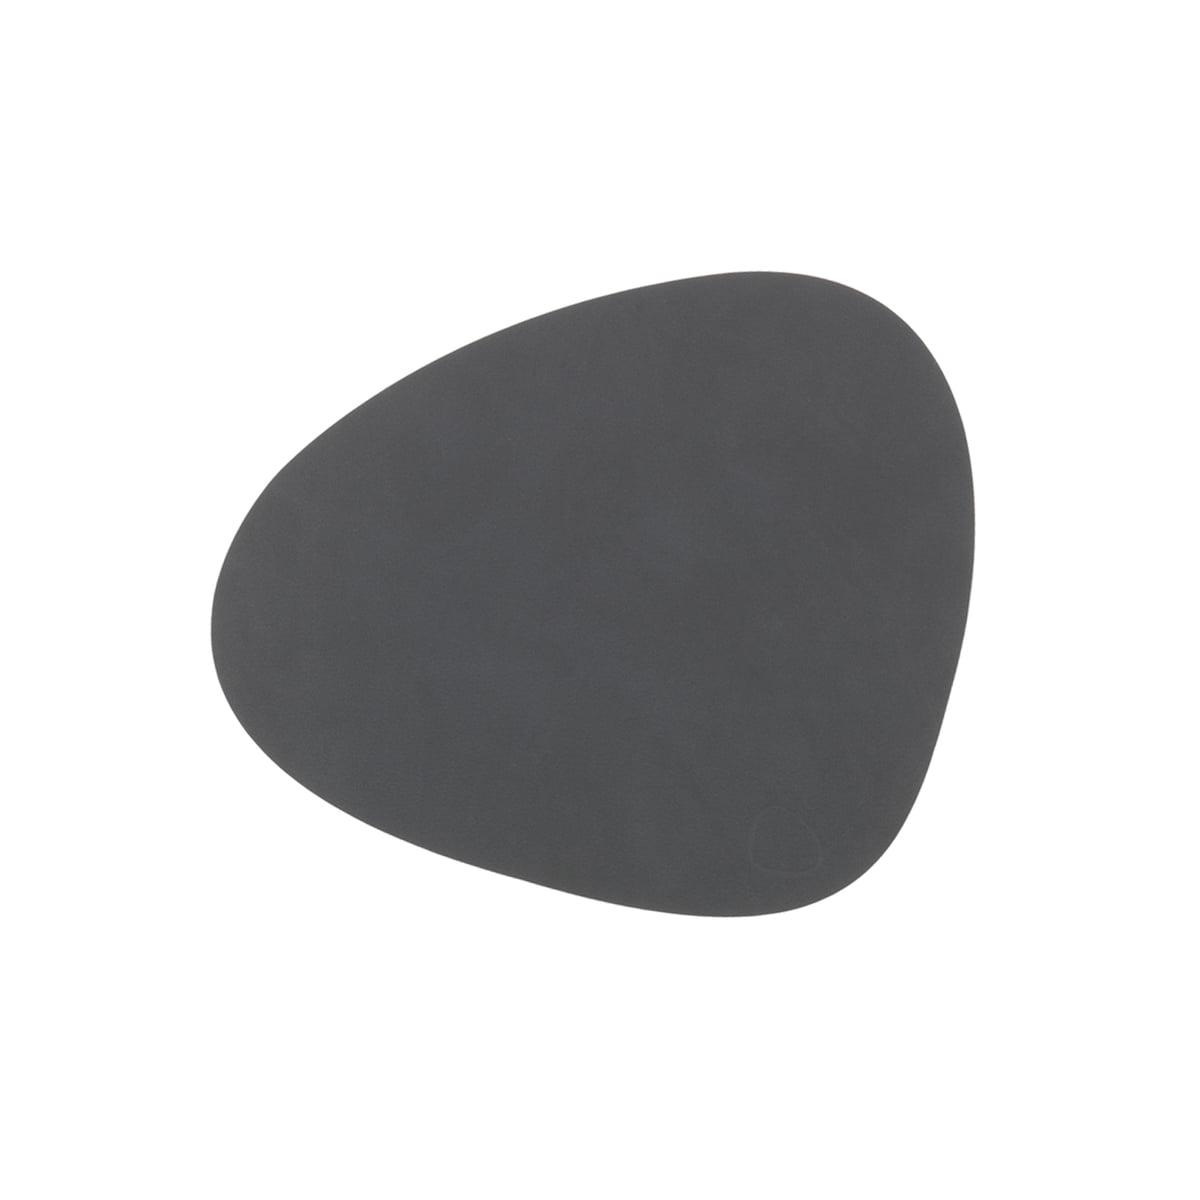 Table Mat Curve S von LindDNA | Connox Shop